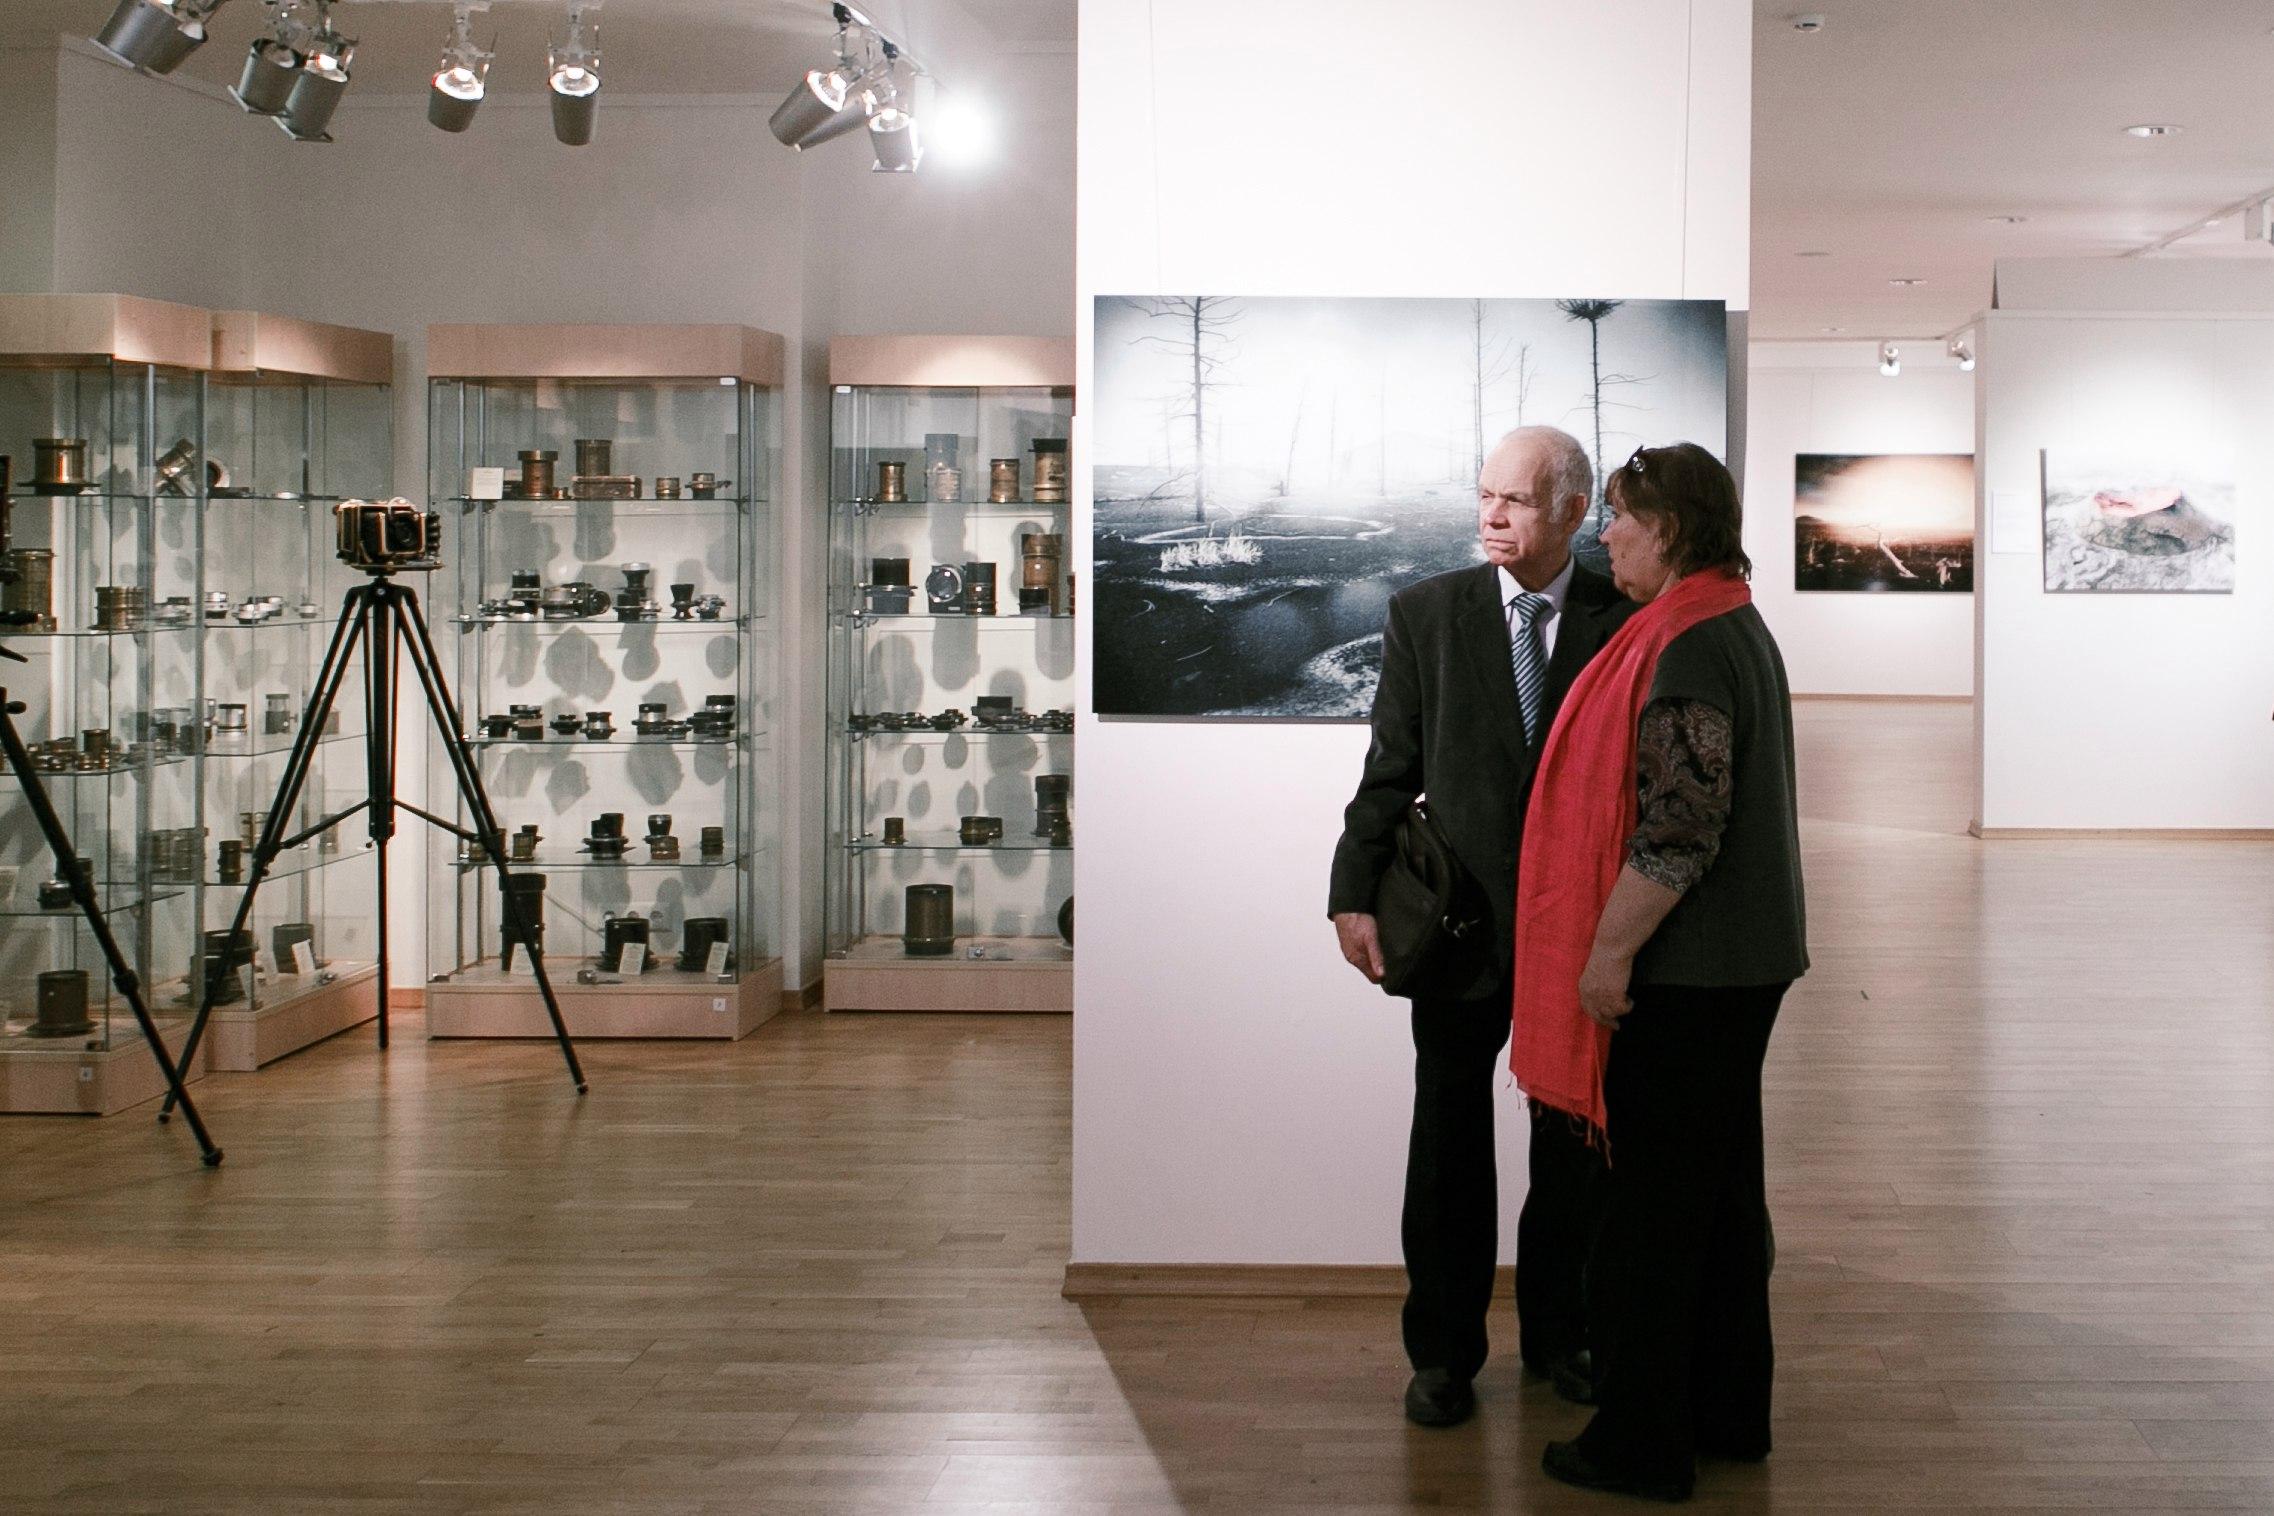 все-таки свободного музей классической фотографии в москве аксессуары, маски грим